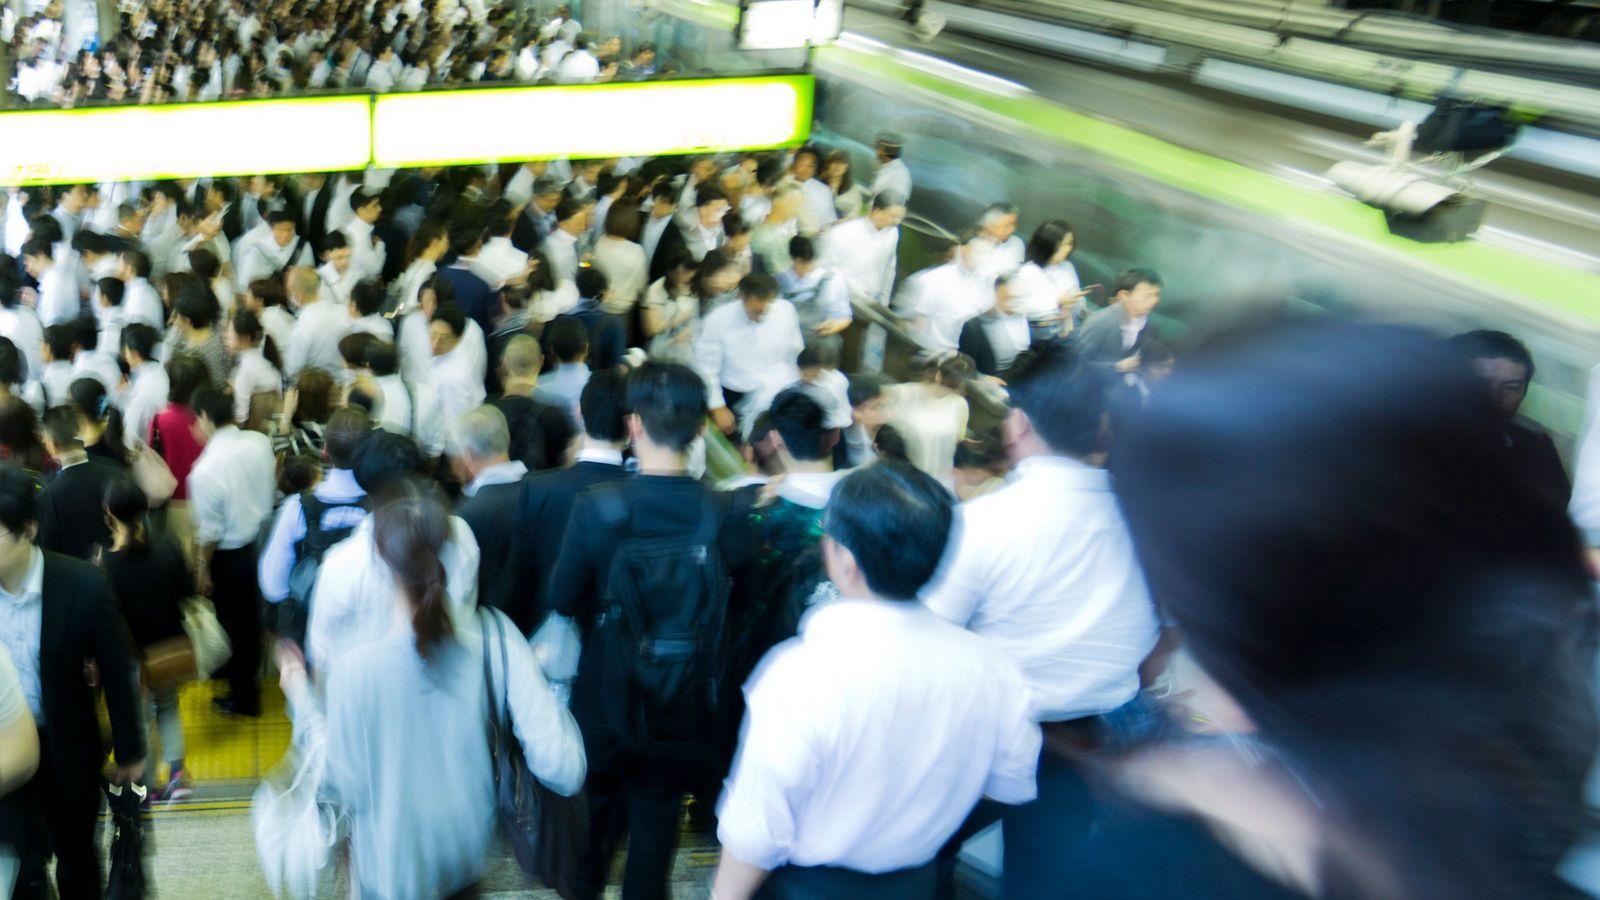 コロナ禍でも、なぜ中国人は日本の満員電車に「感動している」のか 欧米に同情できないが、日本は別だ!